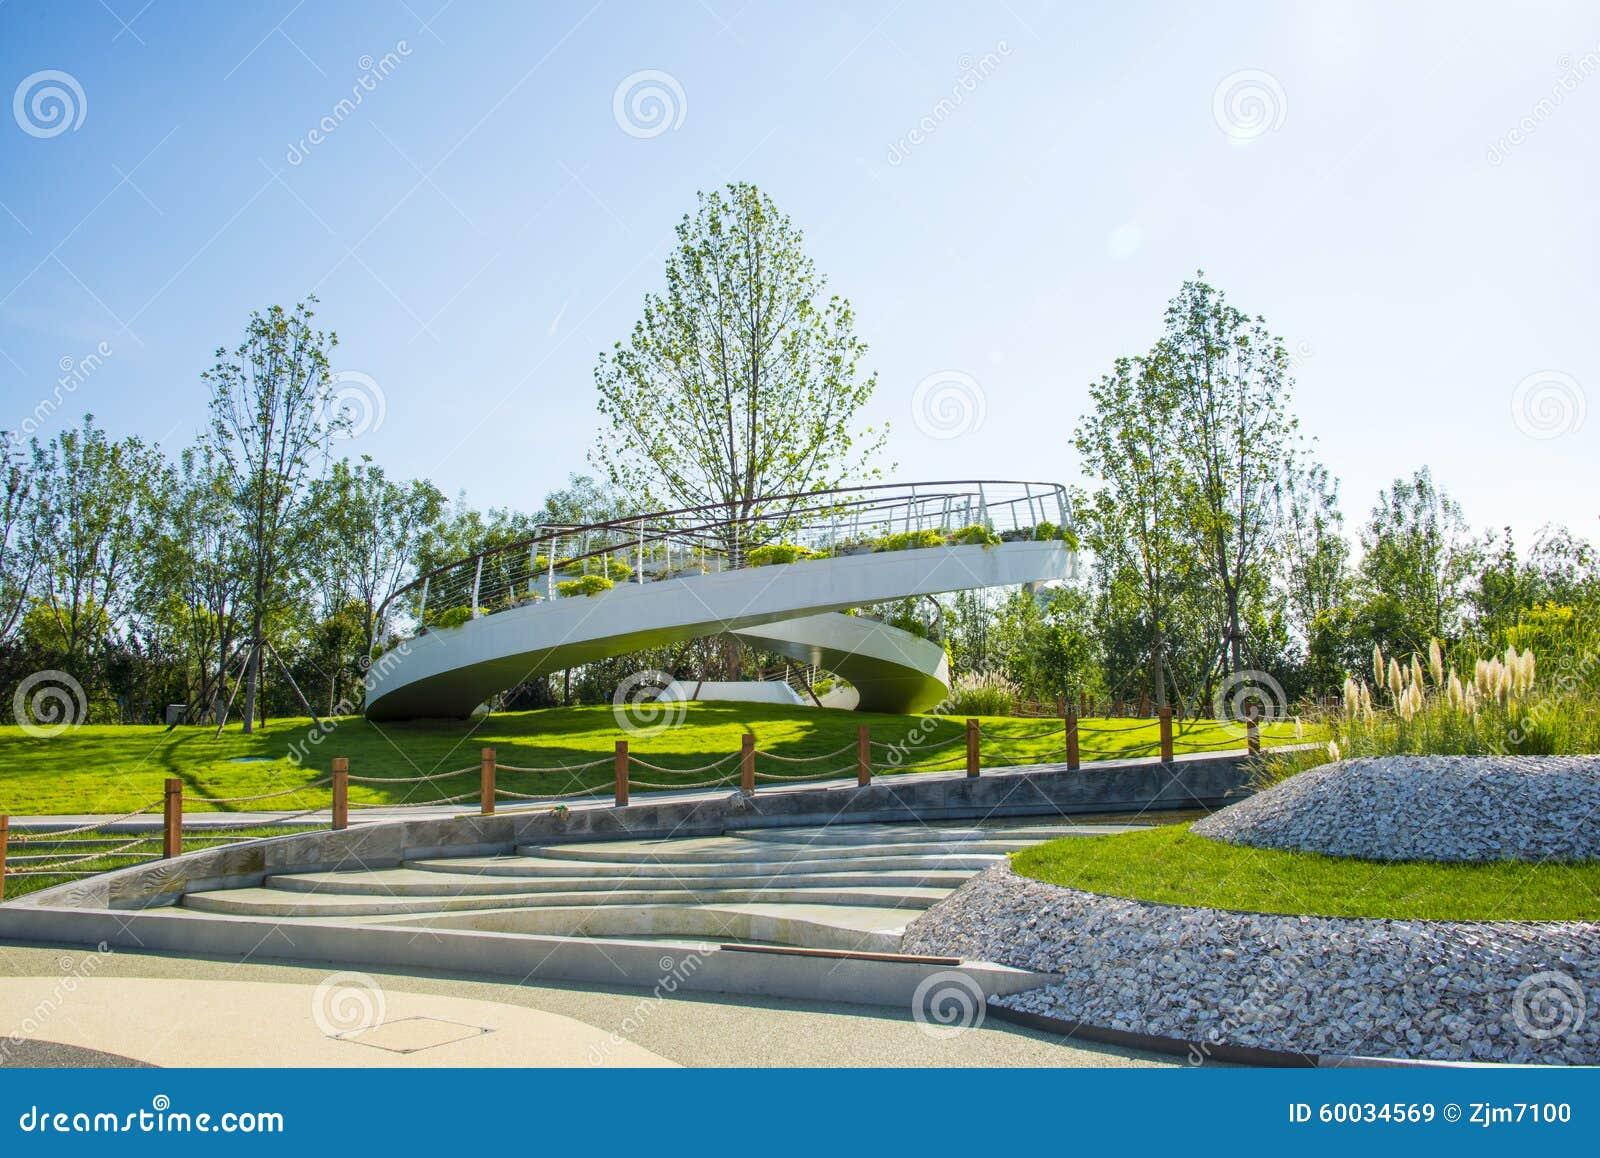 Ασία Κίνα, Wuqing Tianjin, πράσινο EXPO, κυκλική πλατφόρμα εξέτασης